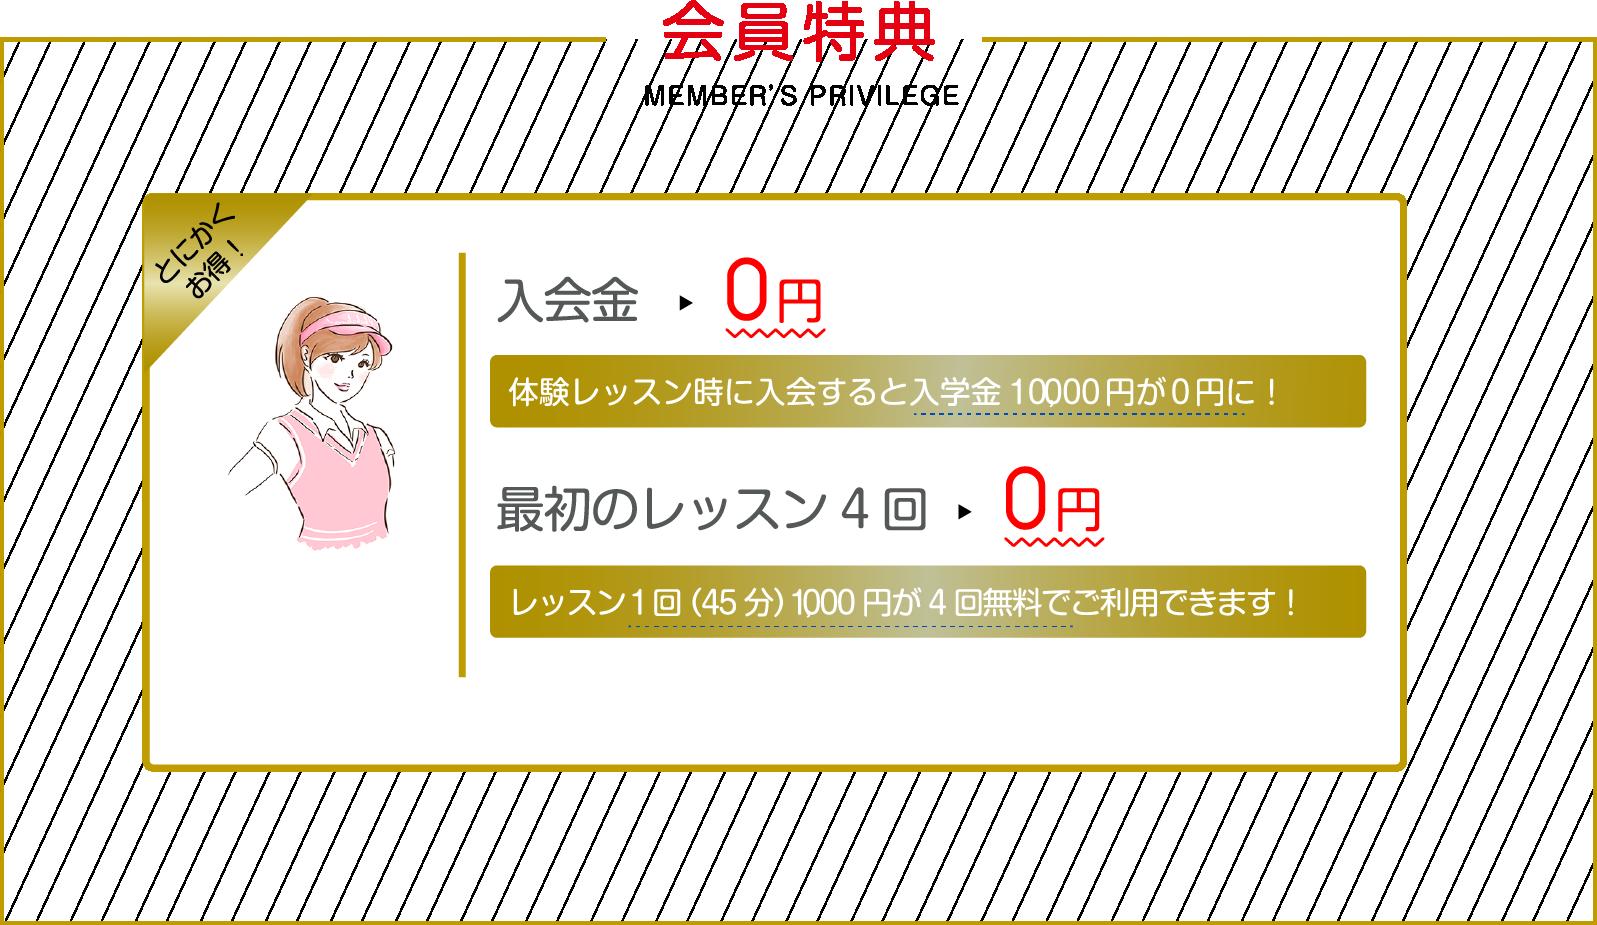 会員特典 MEMBER'S PRIVILEGE [とにかくお得] 入会金0円 最初のレッスン4回は0円